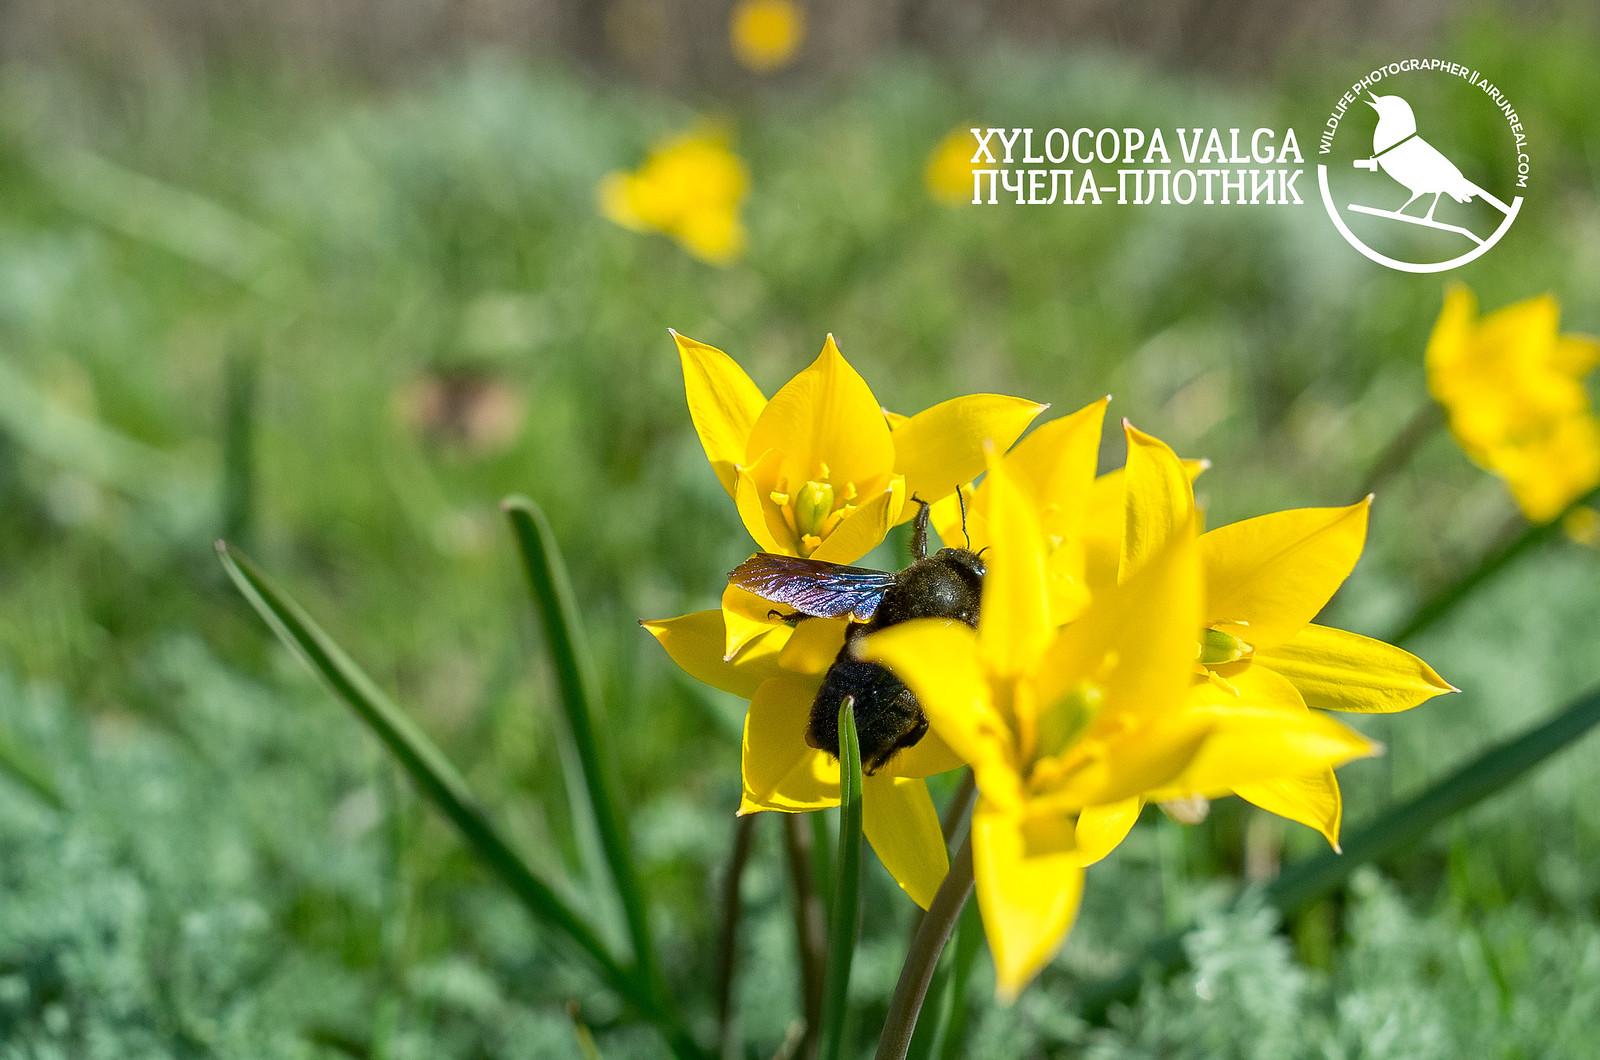 Xylocopa valga // 20180430